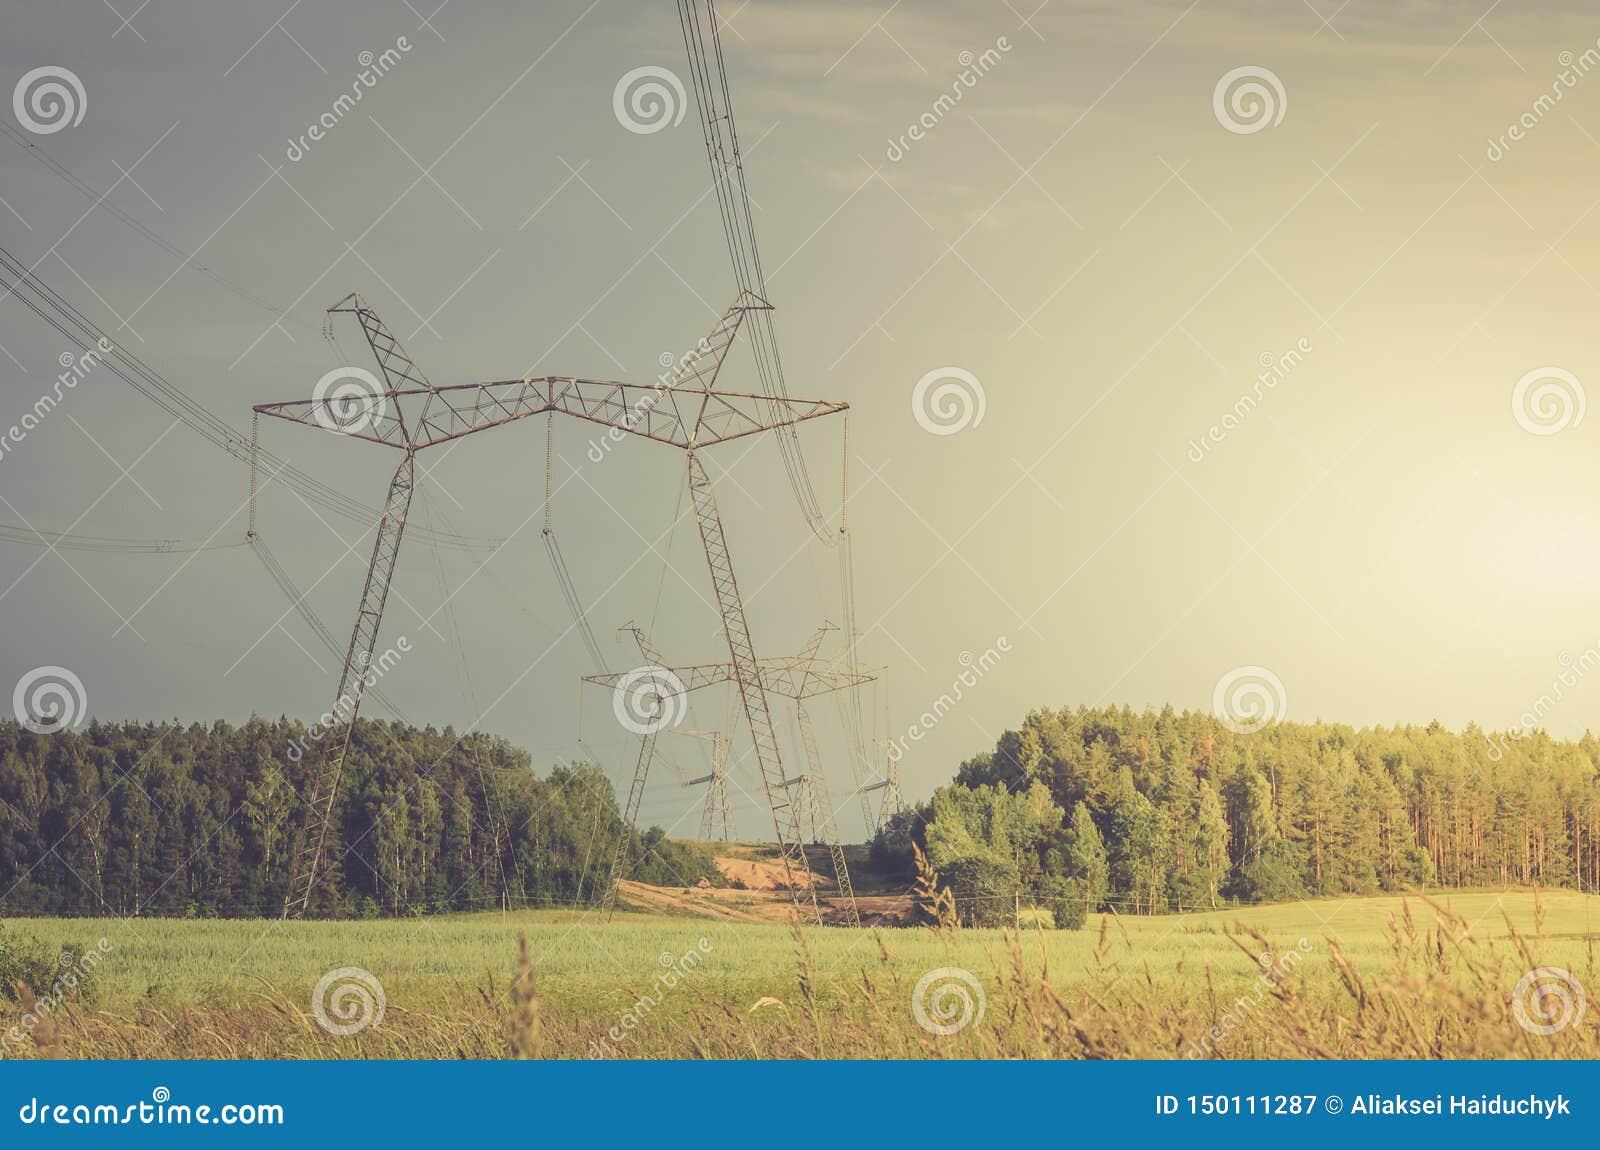 Ηλεκτρο πύργοι υψηλής τάσης/ηλεκτρο πύργοι υψηλής τάσης ενάντια σε ένα επάνω ηλιοβασίλεμα υποβάθρου